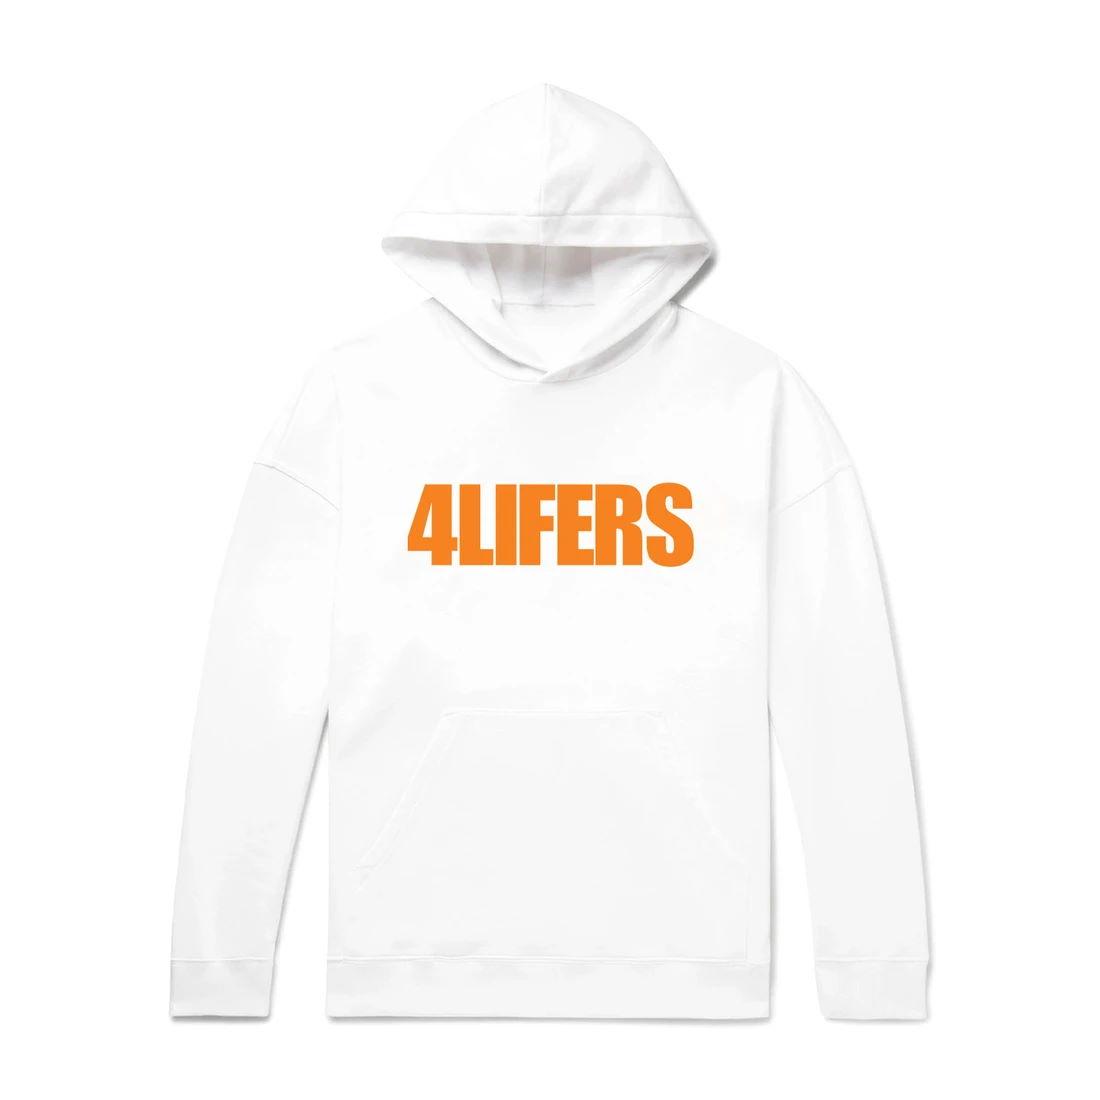 4Lifers Hoodie - White